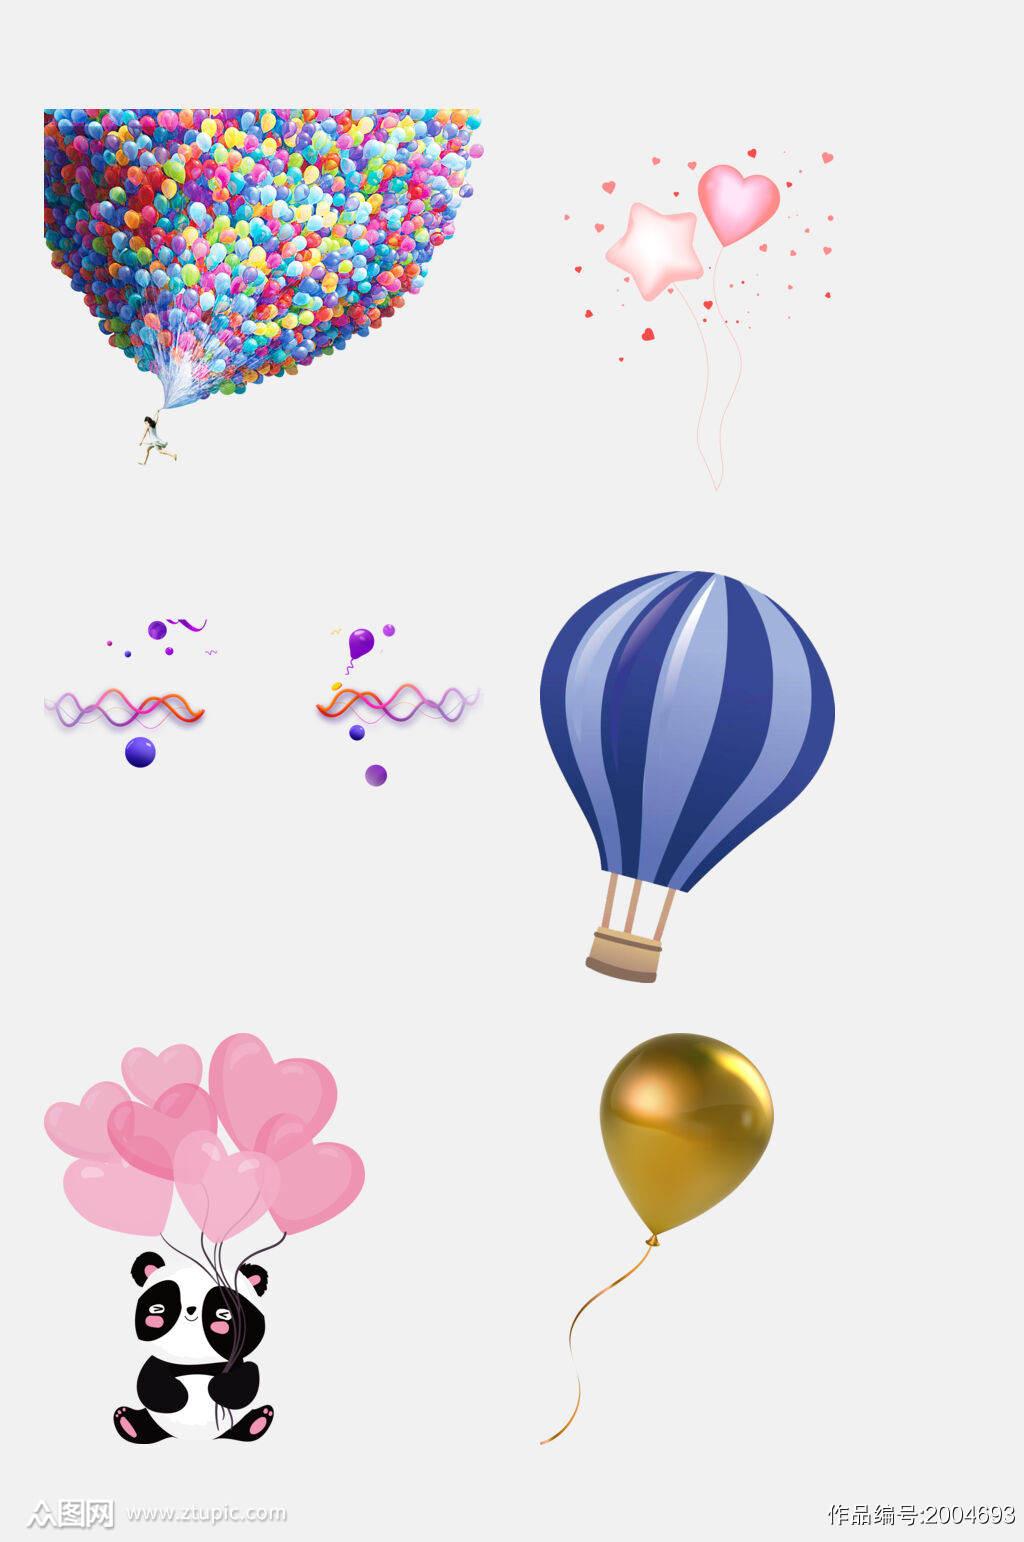 创意气球免抠元素素材